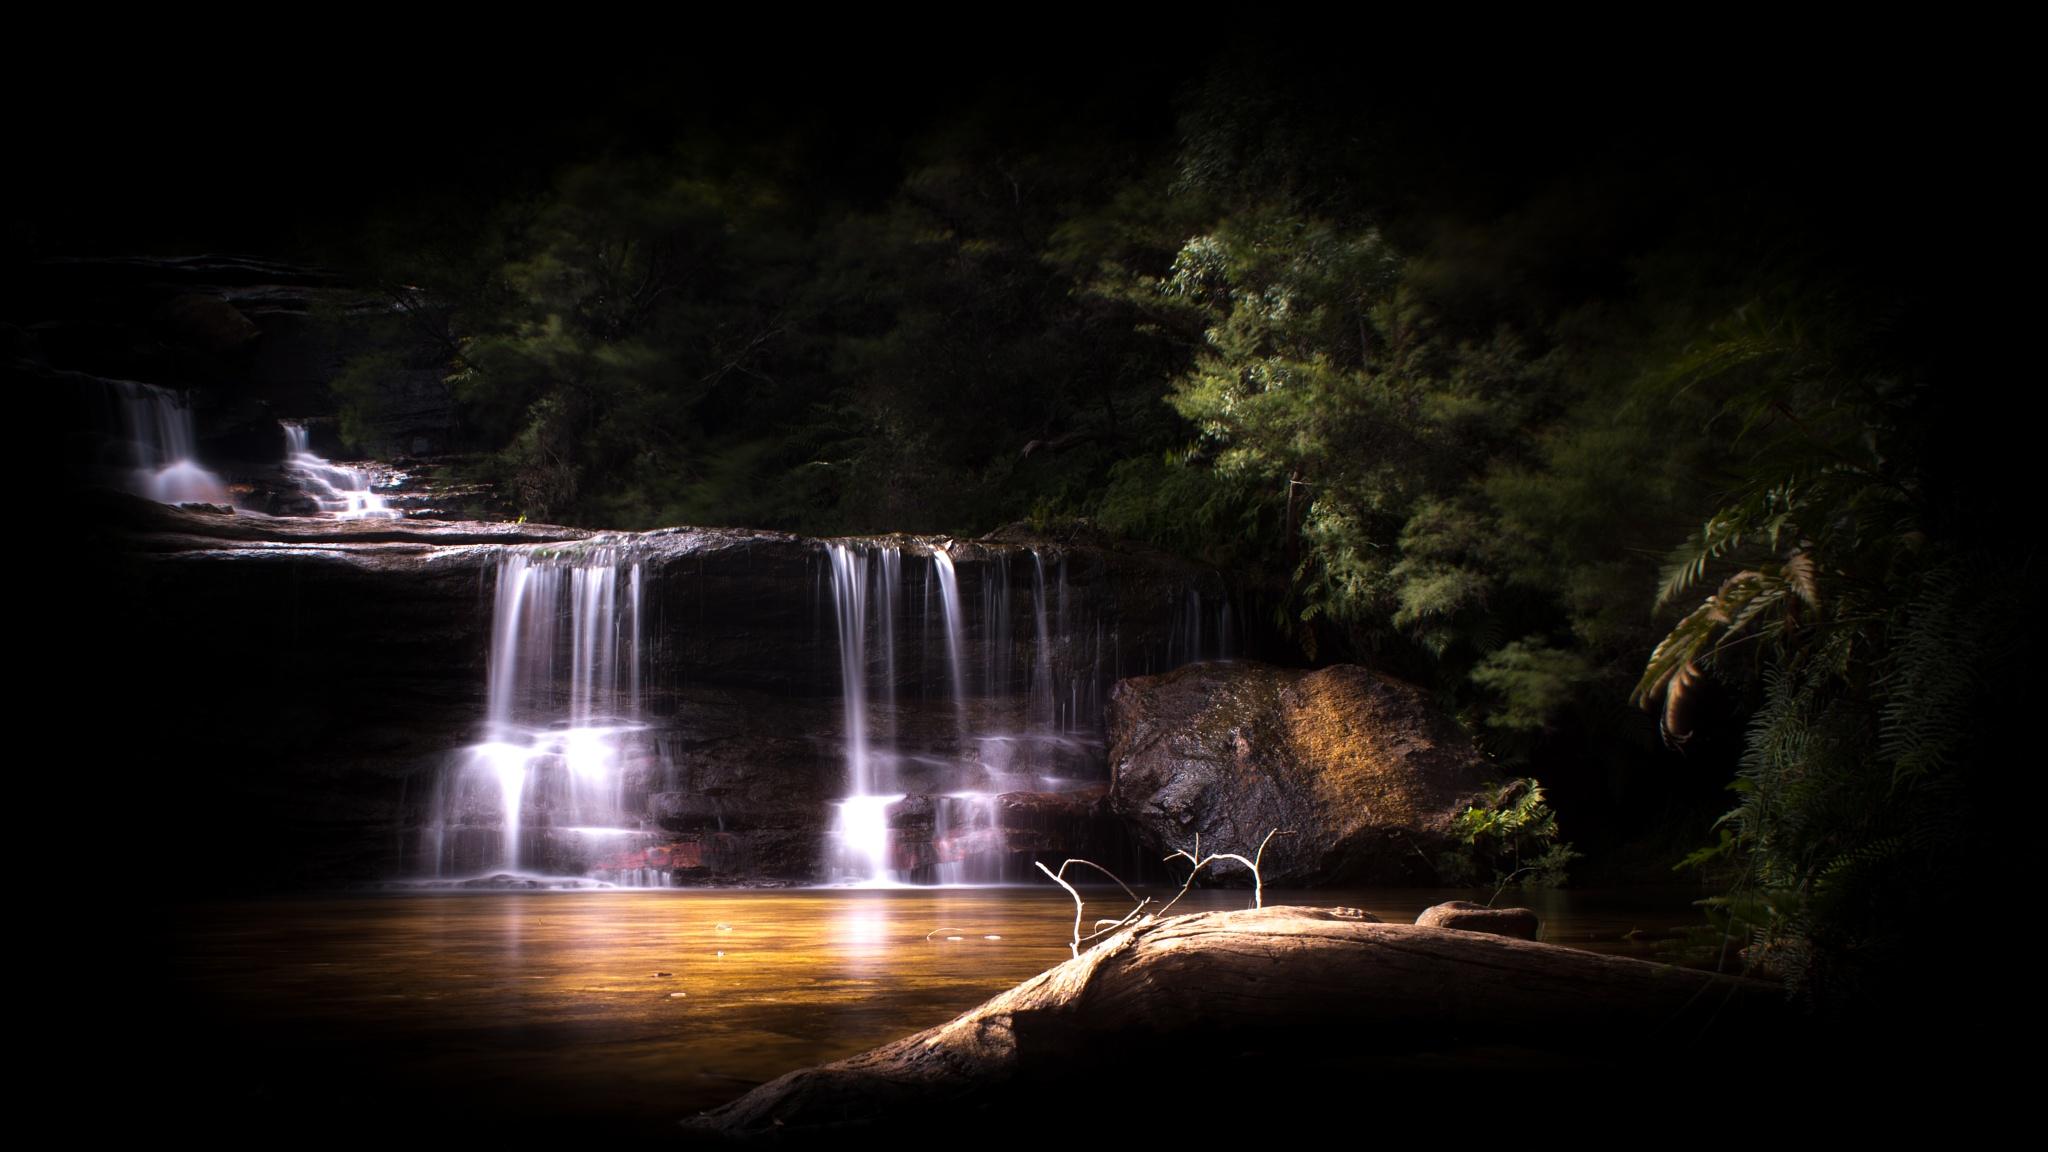 Wentworth Falls by Trevor Curtis